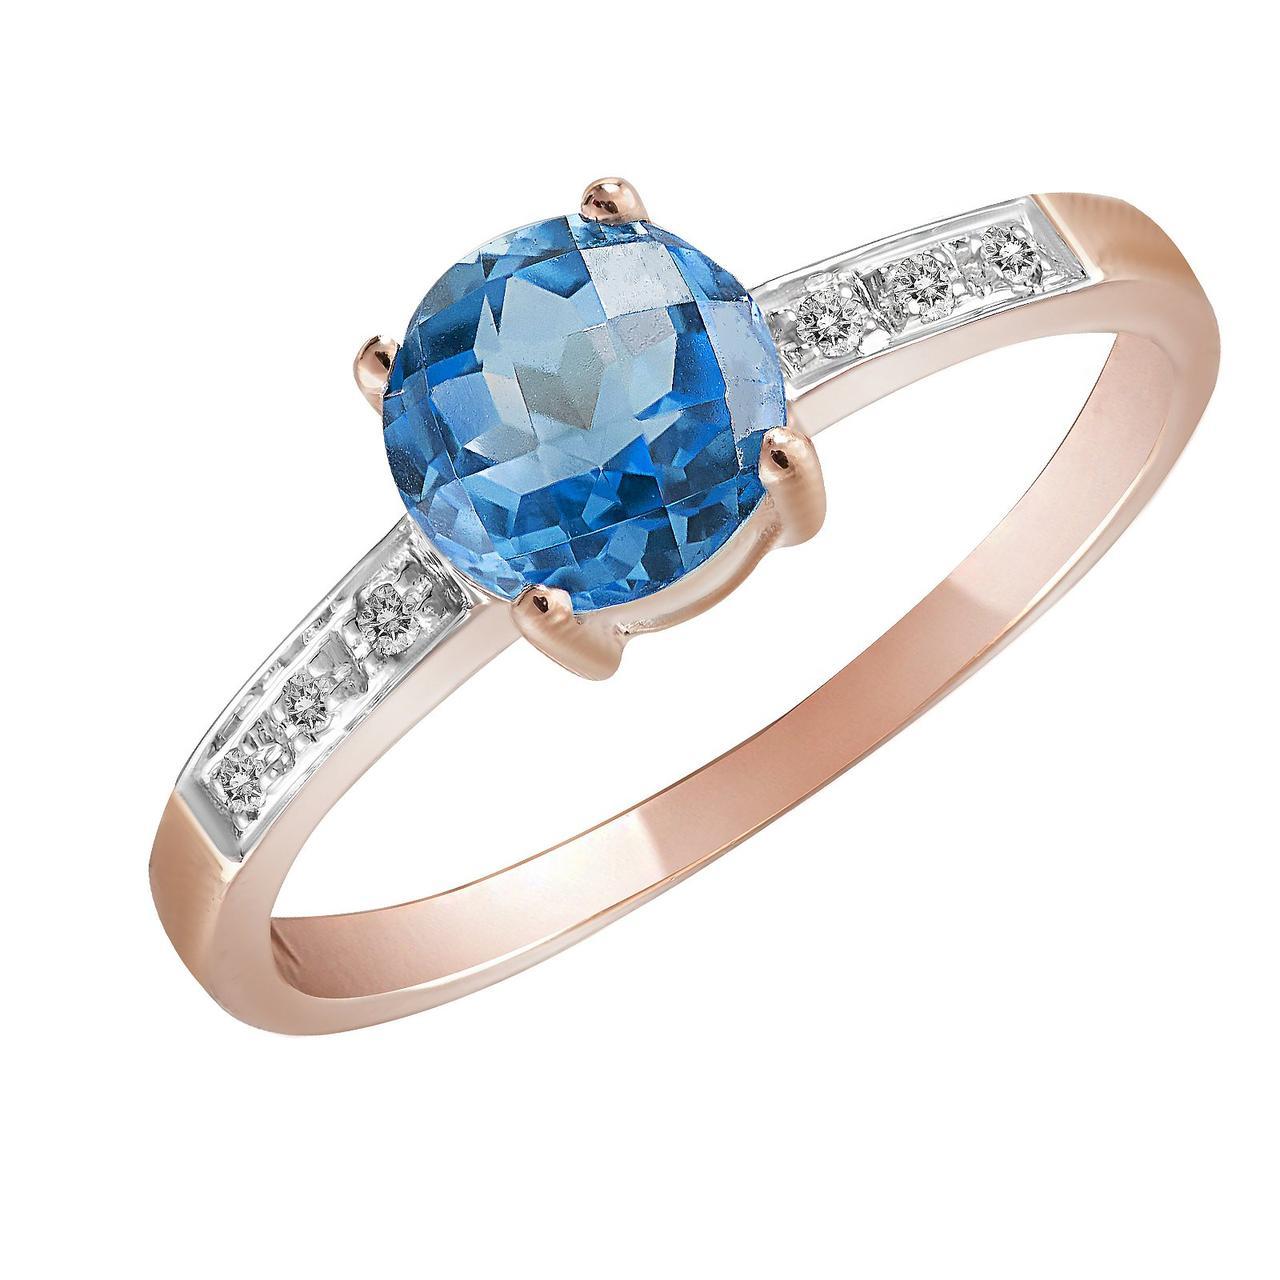 Золотое кольцо с бриллиантами и топазом, размер 16.5 (563134)